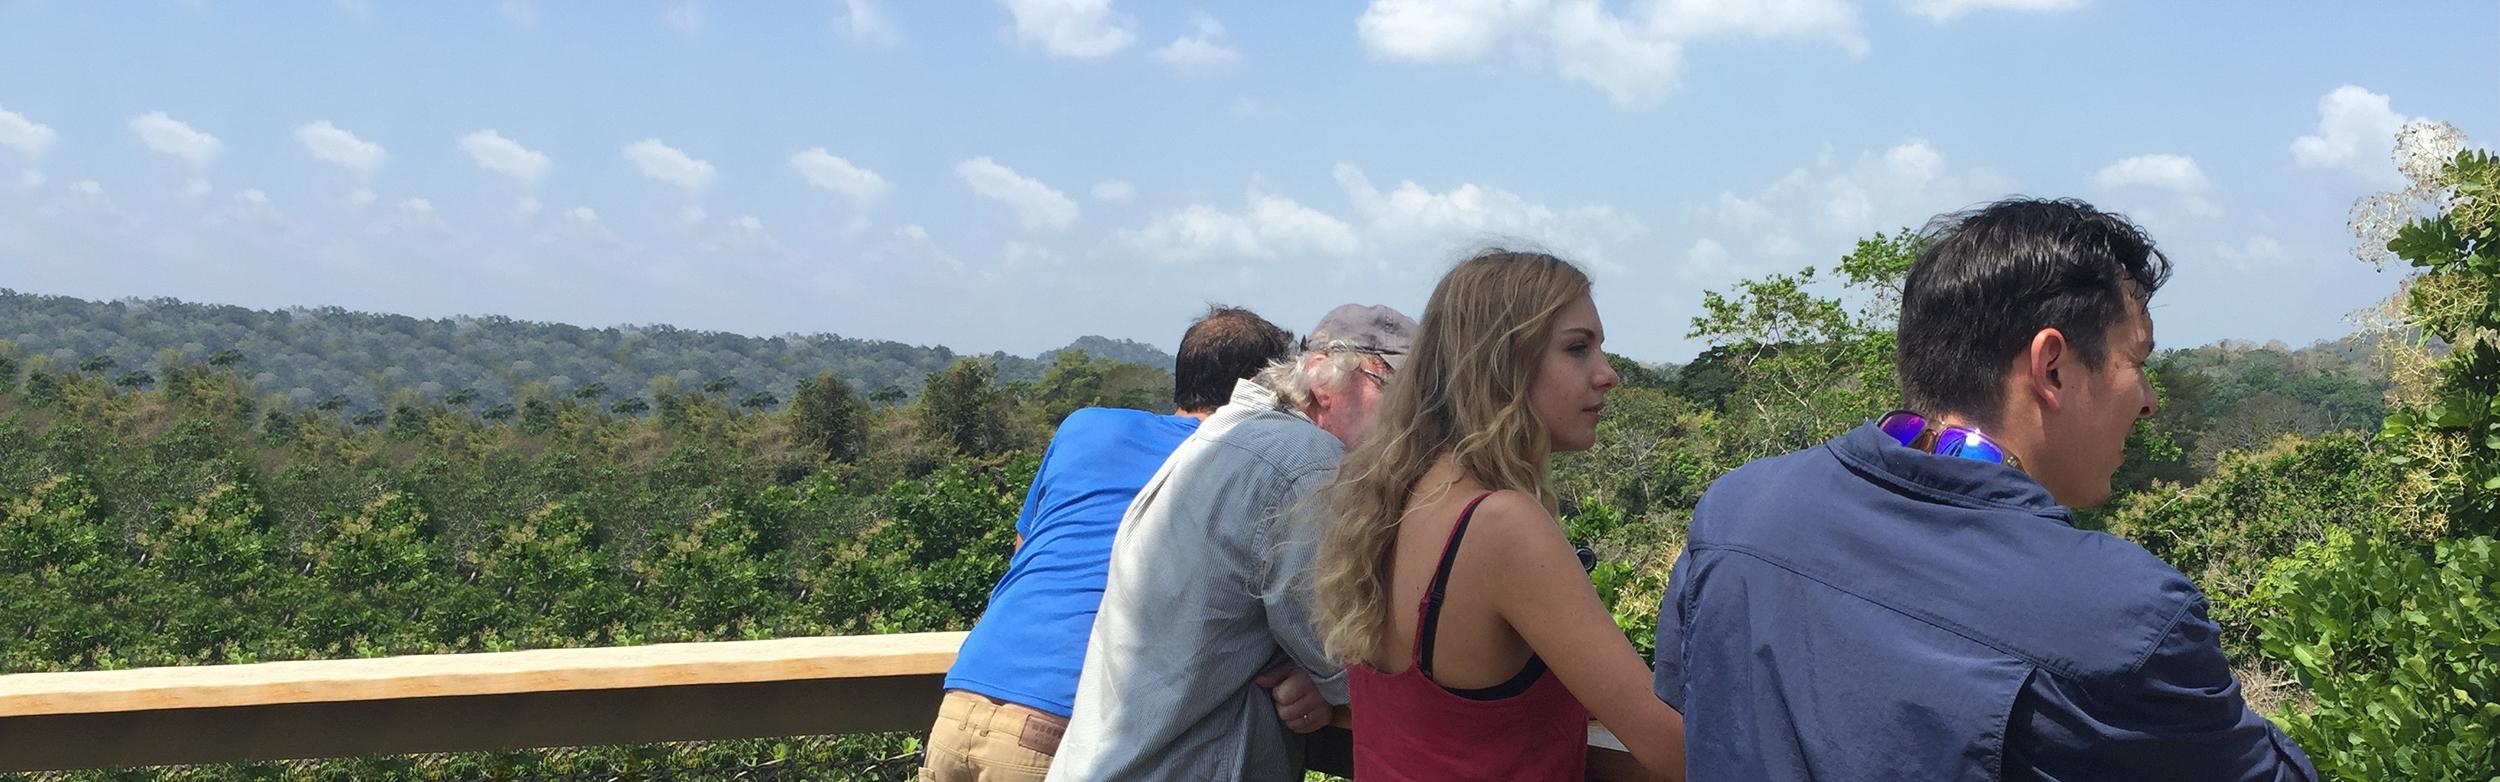 Rainforest Discovery Center & Soberania National Park